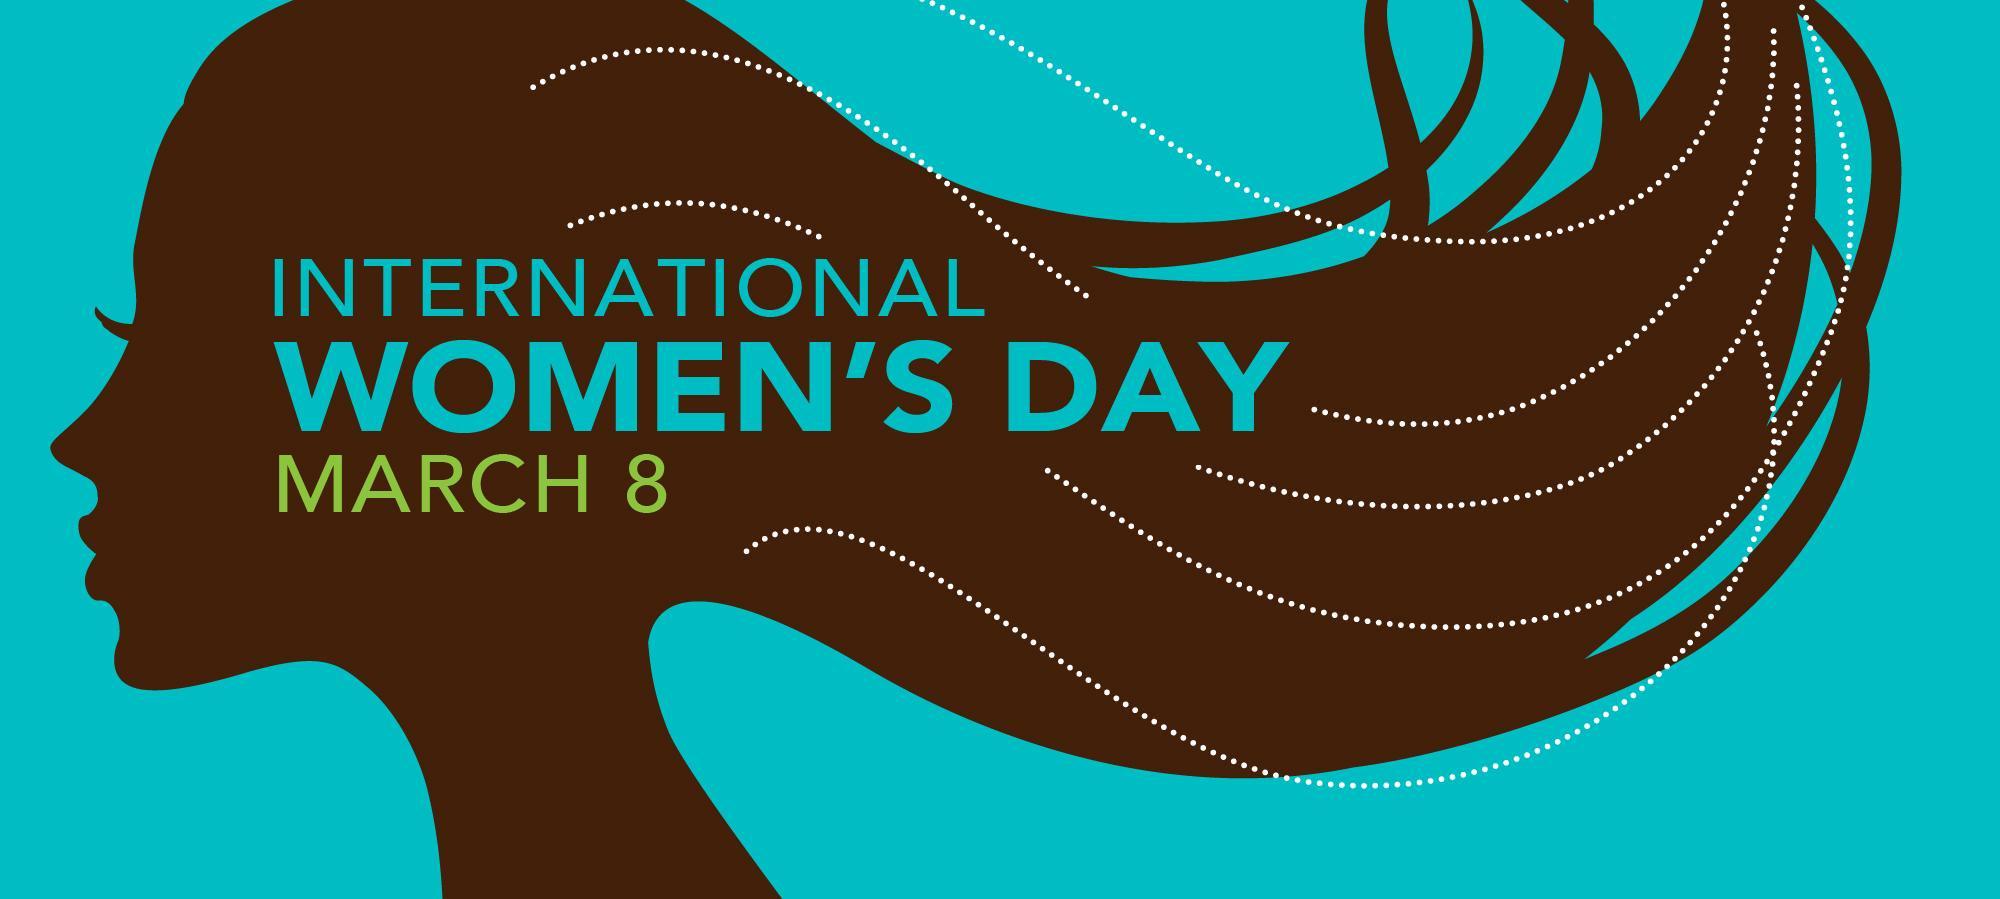 بالصور كلمات عن يوم المراة العالمي , عبارات بمناسبة الاحتفال بيوم المراة العالمى 3086 11